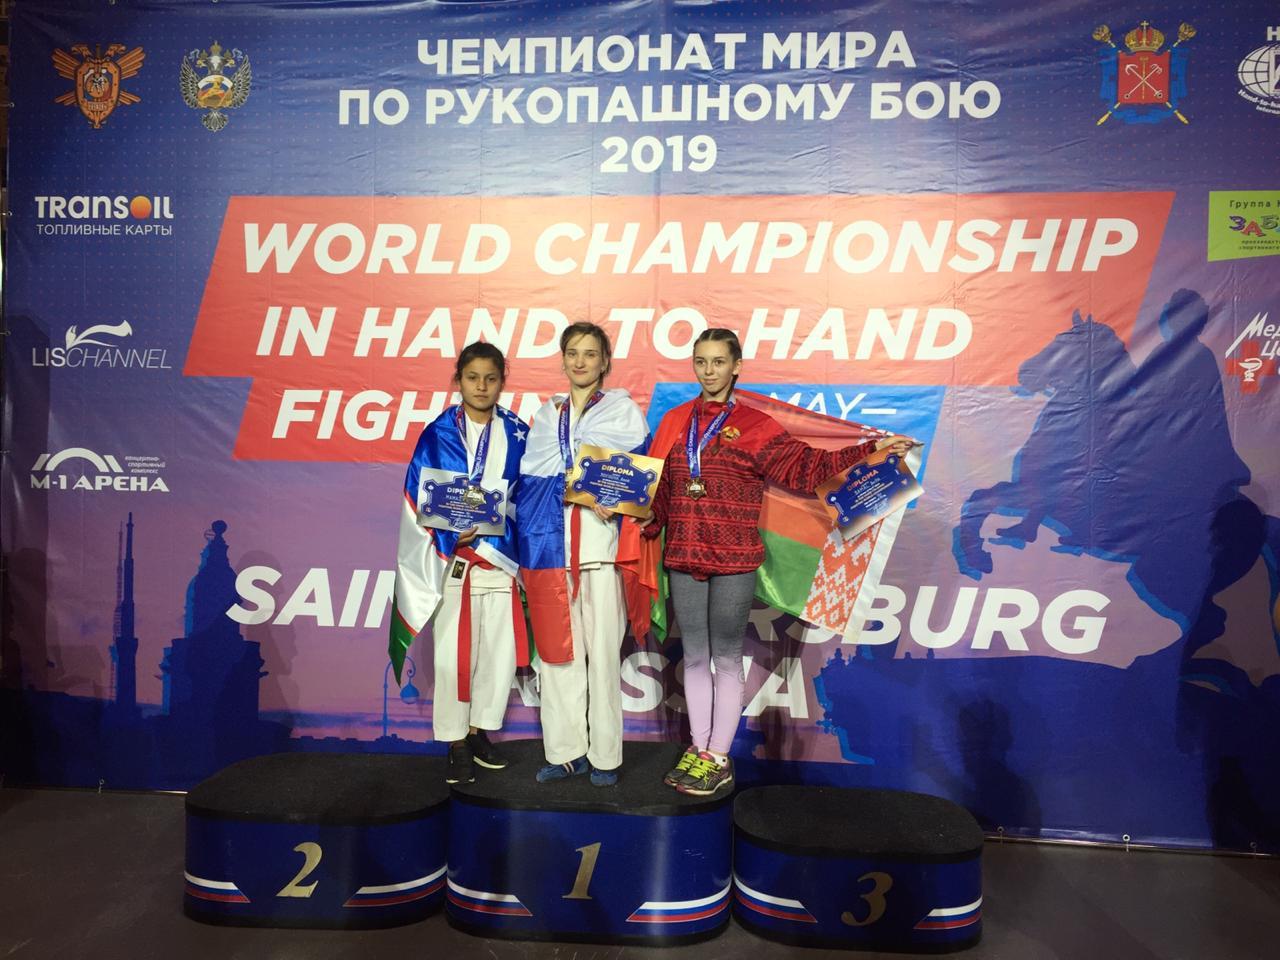 Спортсменка из Новочеркасска стала чемпионкой мира по рукопашному бою